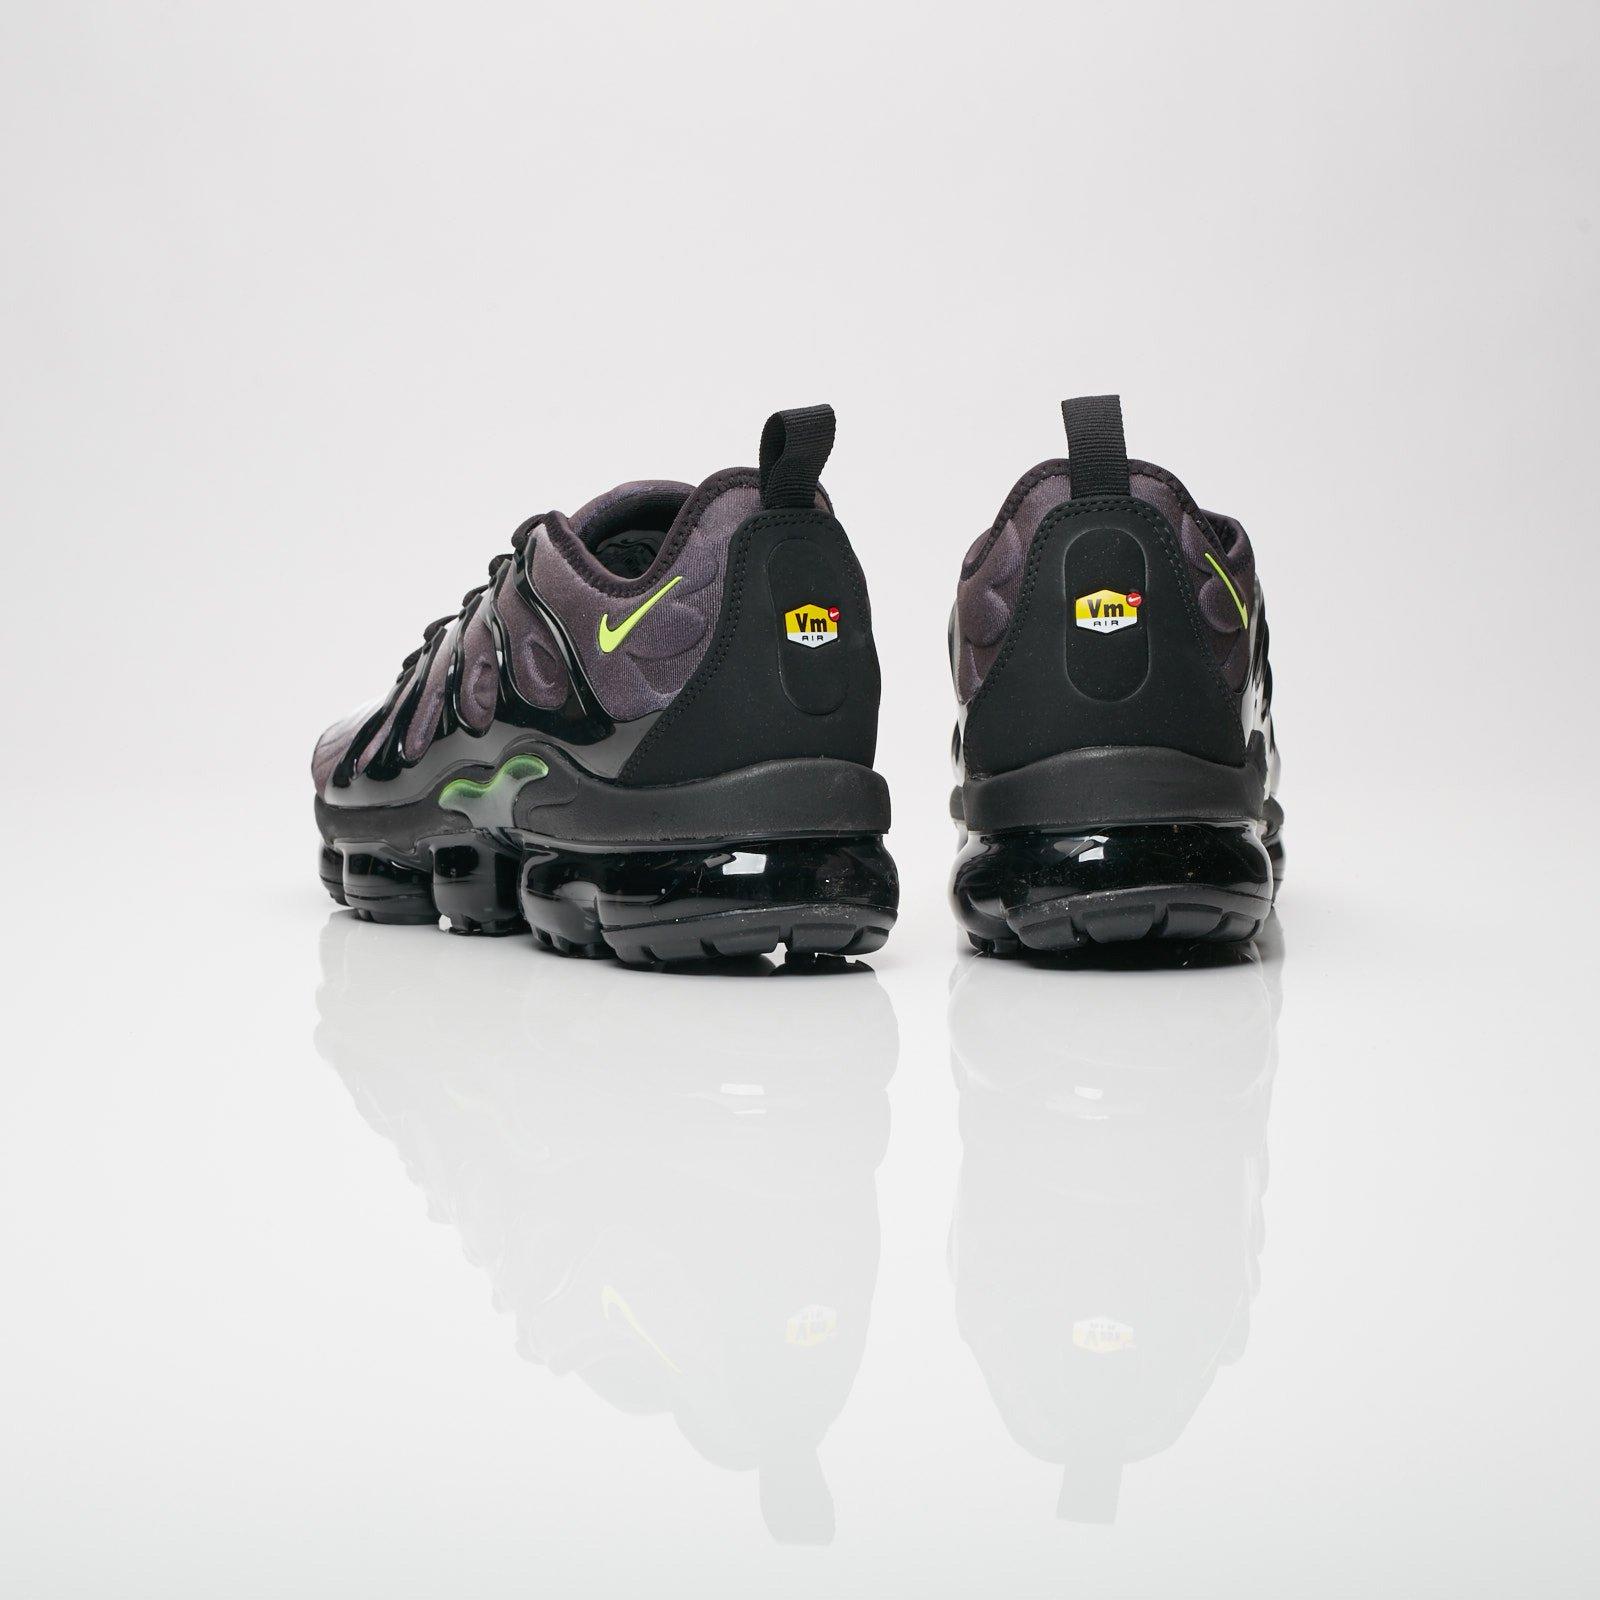 2898909eab Nike Air Vapormax Plus - 924453-009 - Sneakersnstuff   sneakers &  streetwear online since 1999